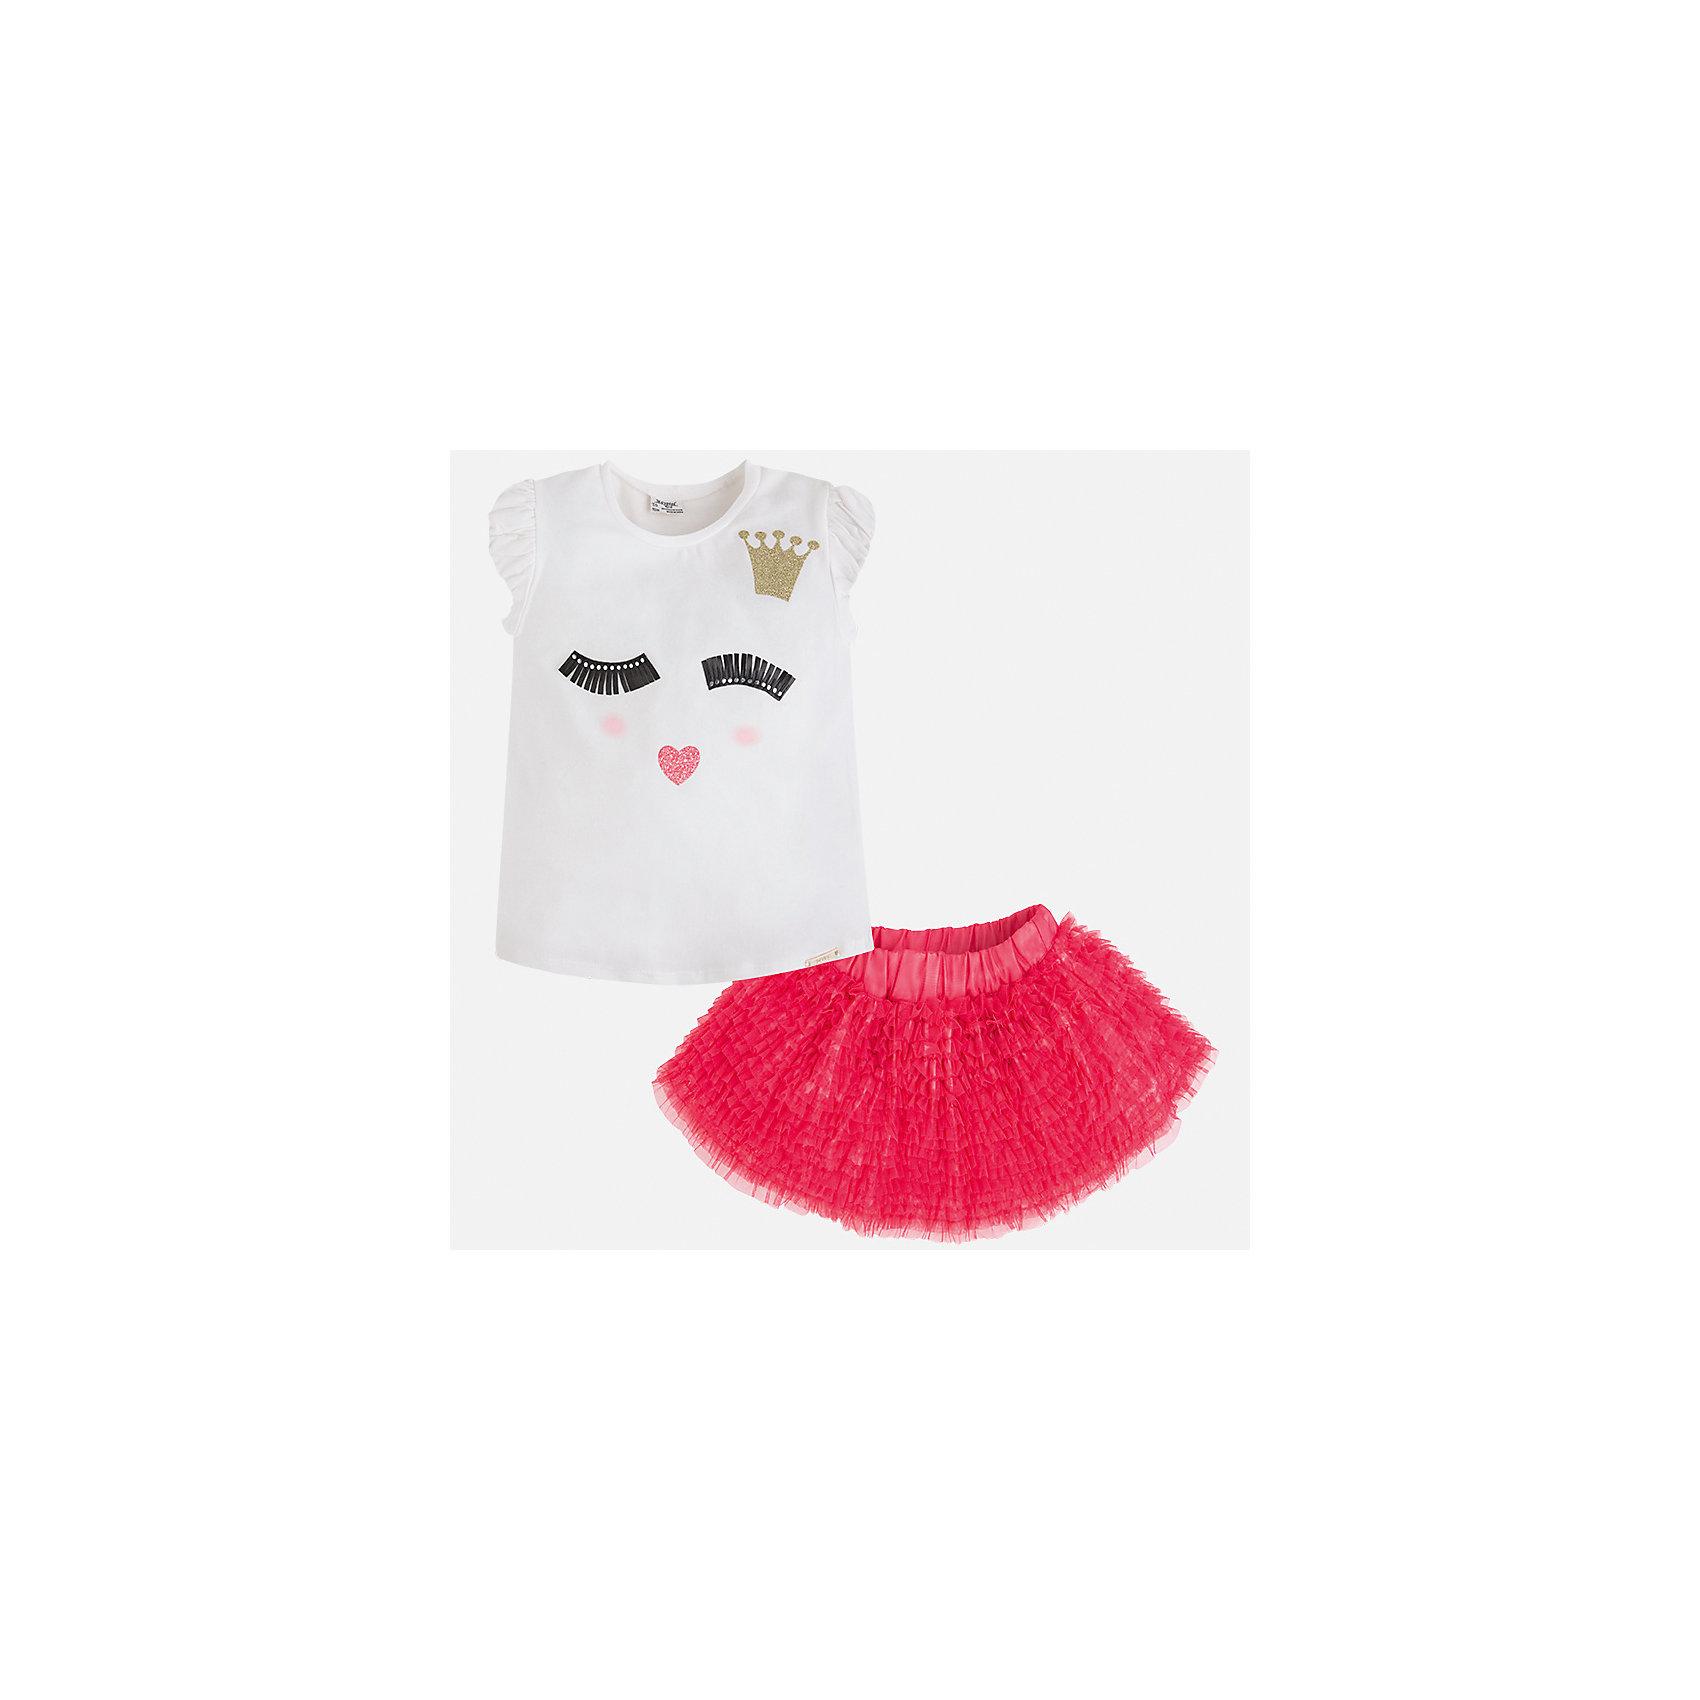 Комплект: топ и юбка для девочки MayoralКомплекты<br>Характеристики товара:<br><br>• цвет: белый/розовый<br>• состав: 57% хлопок, 38% полиэстер, 5% эластан<br>• комплектация: юбка, топ<br>• топ декорирован принтом<br>• юбка с рюшами<br>• пояс на резинке<br>• страна бренда: Испания<br><br>Стильный качественный комплект для девочки поможет разнообразить гардероб ребенка и красиво одеться в теплую погоду. Он отлично сочетается с другими предметами. Универсальный цвет позволяет подобрать к вещам обувь практически любой расцветки. Интересная отделка модели делает её нарядной и оригинальной. В составе материала - натуральный хлопок, гипоаллергенный, приятный на ощупь, дышащий.<br><br>Одежда, обувь и аксессуары от испанского бренда Mayoral полюбились детям и взрослым по всему миру. Модели этой марки - стильные и удобные. Для их производства используются только безопасные, качественные материалы и фурнитура. Порадуйте ребенка модными и красивыми вещами от Mayoral! <br><br>Комплект для девочки от испанского бренда Mayoral (Майорал) можно купить в нашем интернет-магазине.<br><br>Ширина мм: 207<br>Глубина мм: 10<br>Высота мм: 189<br>Вес г: 183<br>Цвет: розовый<br>Возраст от месяцев: 84<br>Возраст до месяцев: 96<br>Пол: Женский<br>Возраст: Детский<br>Размер: 128,122,116,110,98,104,134<br>SKU: 3517388